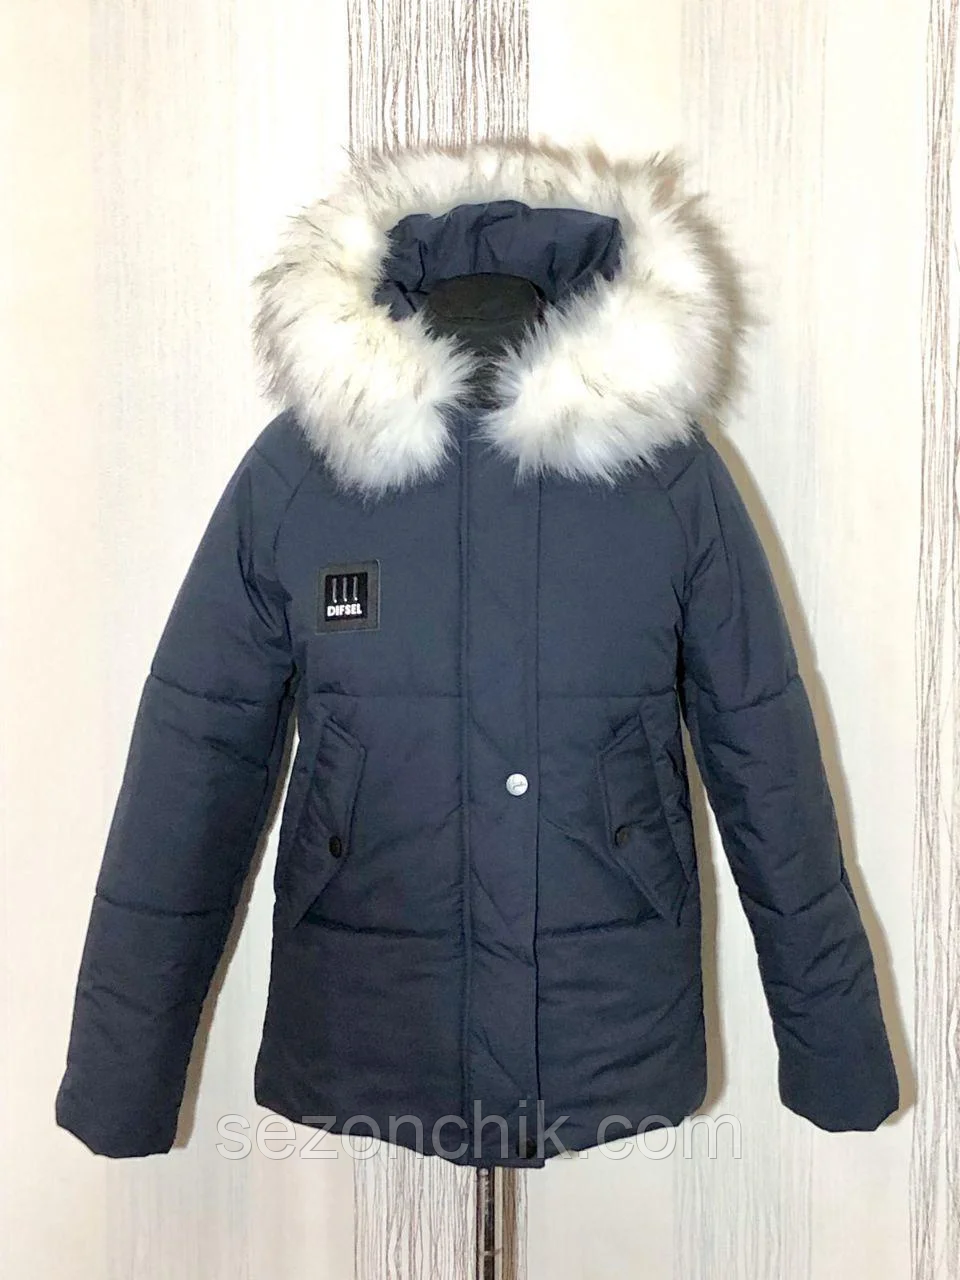 Куртки зимние женские модные с мехом